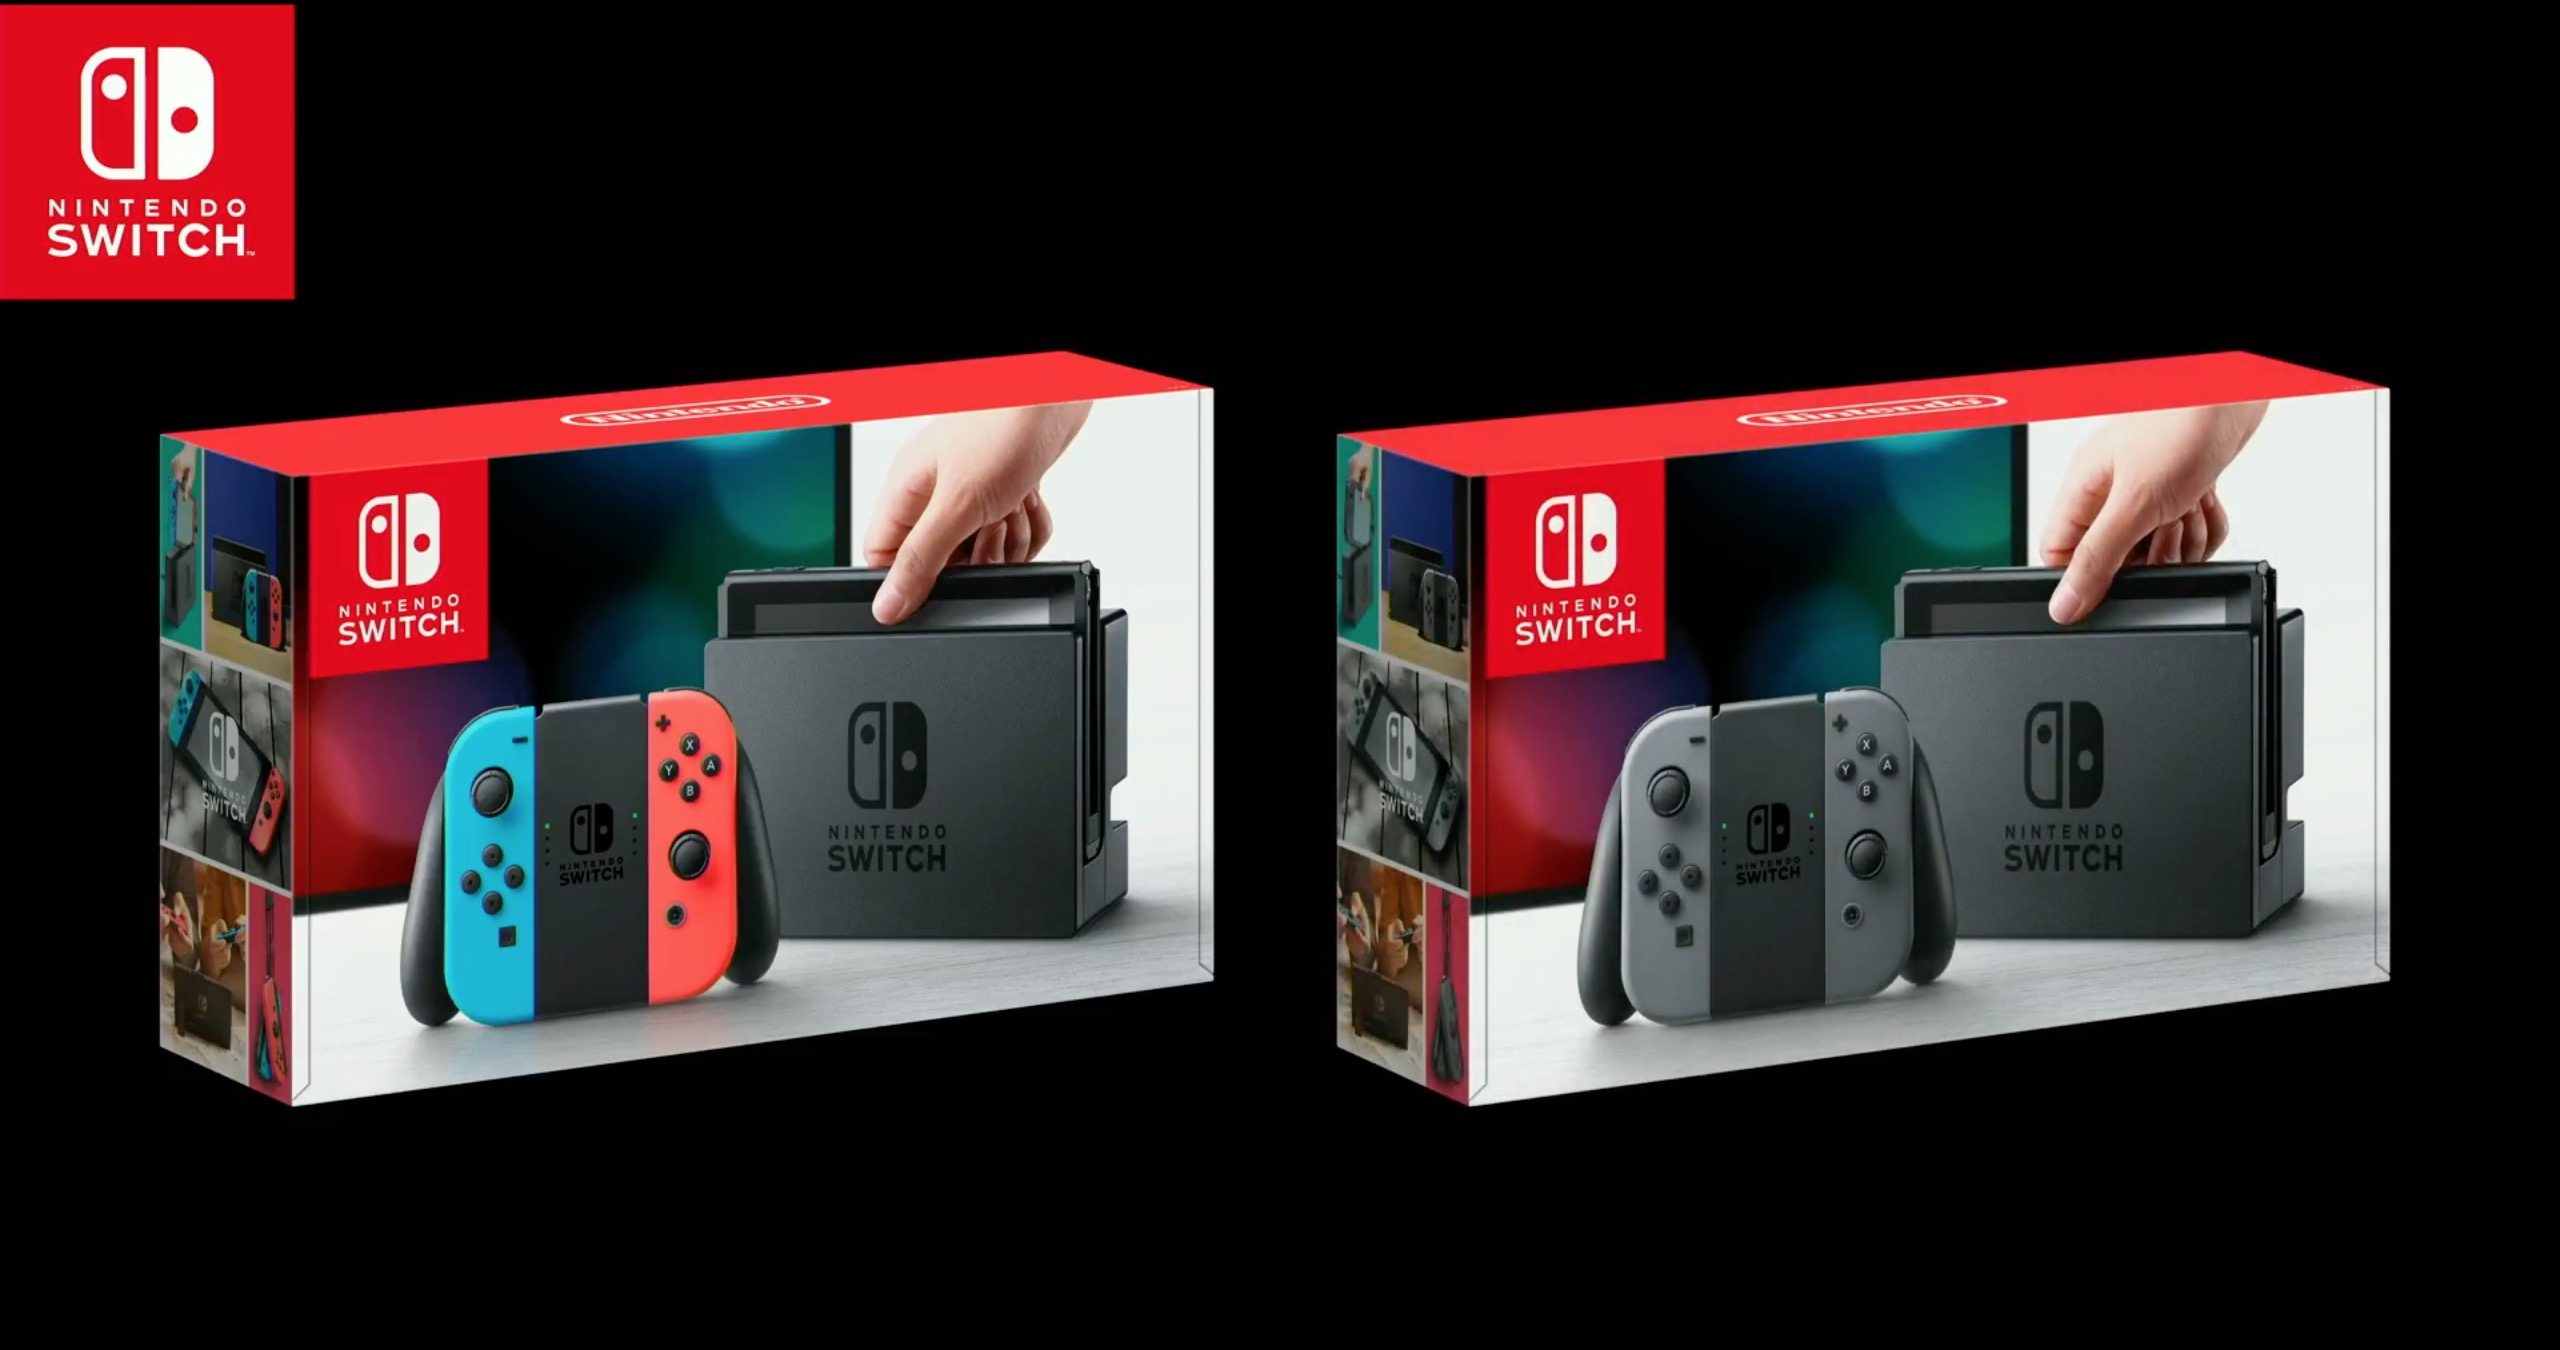 Nintendo Switch? Kupuję w dniu premiery, ale czuję rozczarowanie